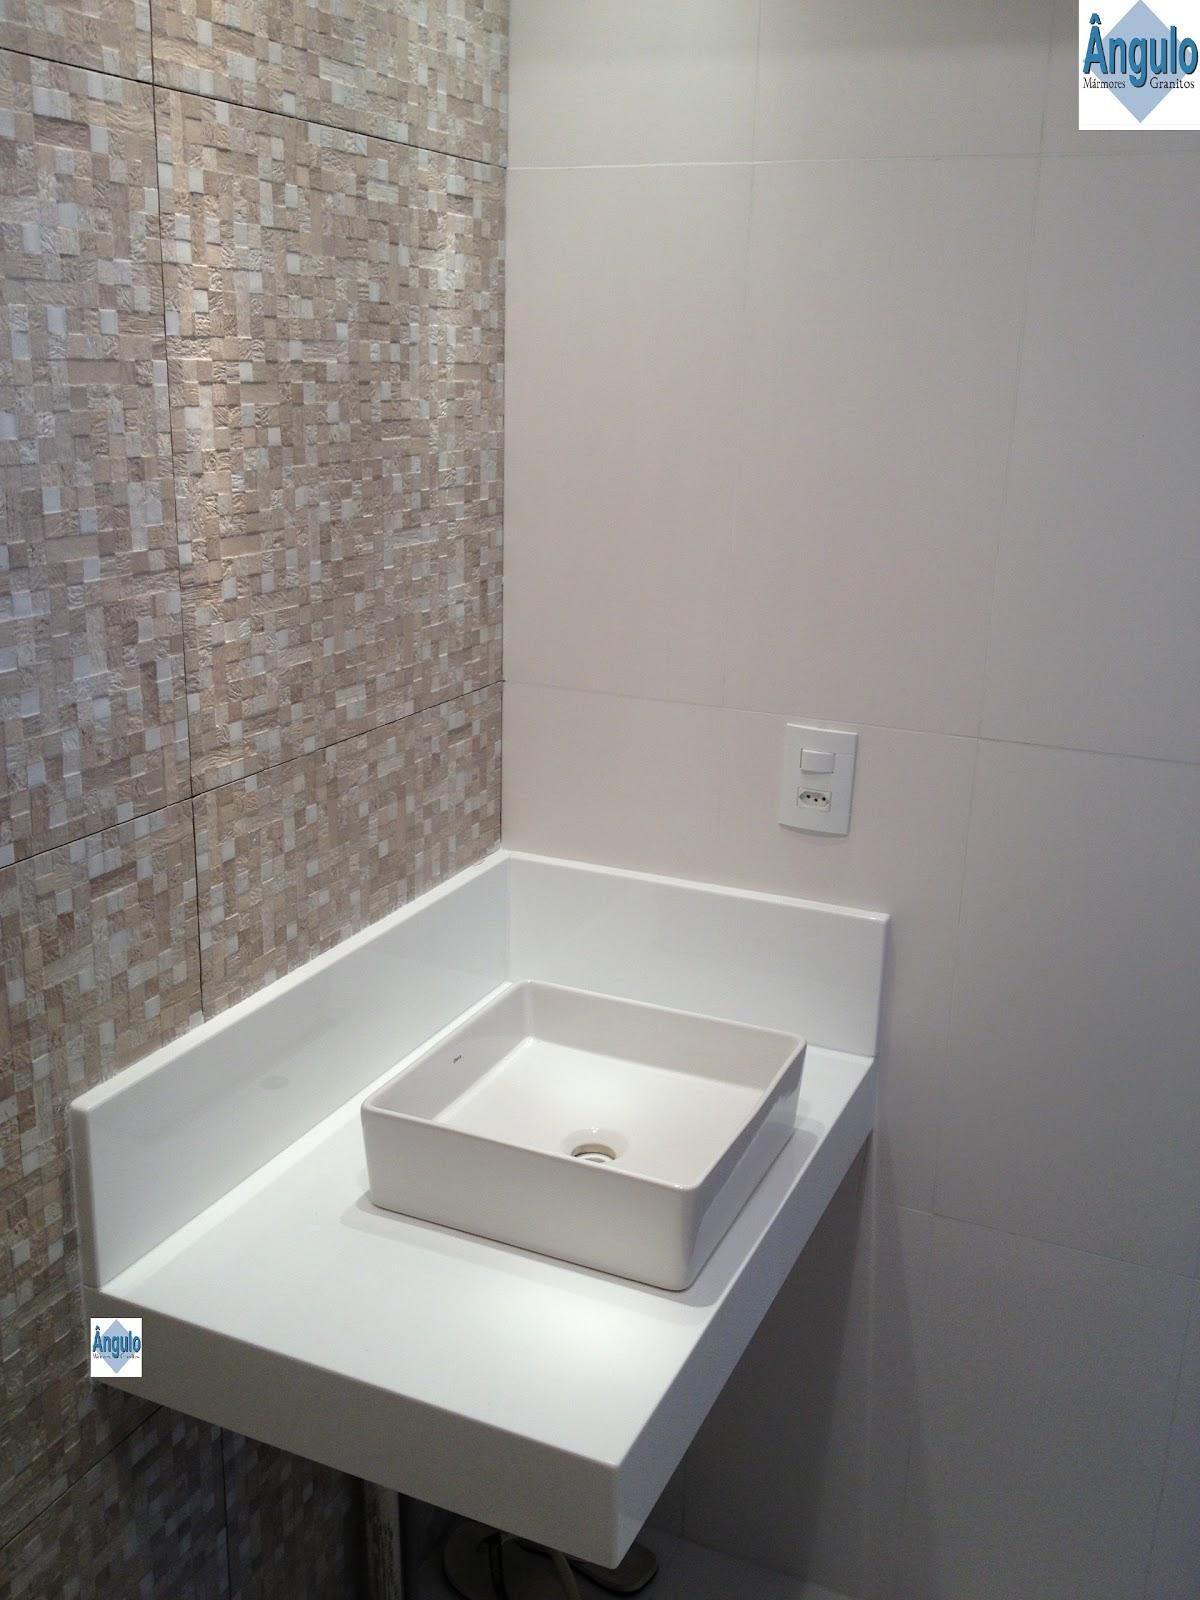 Ângulo Mármores e Granitos Cuba de Apoio  Bancada Nanoglass -> Altura De Pia De Banheiro